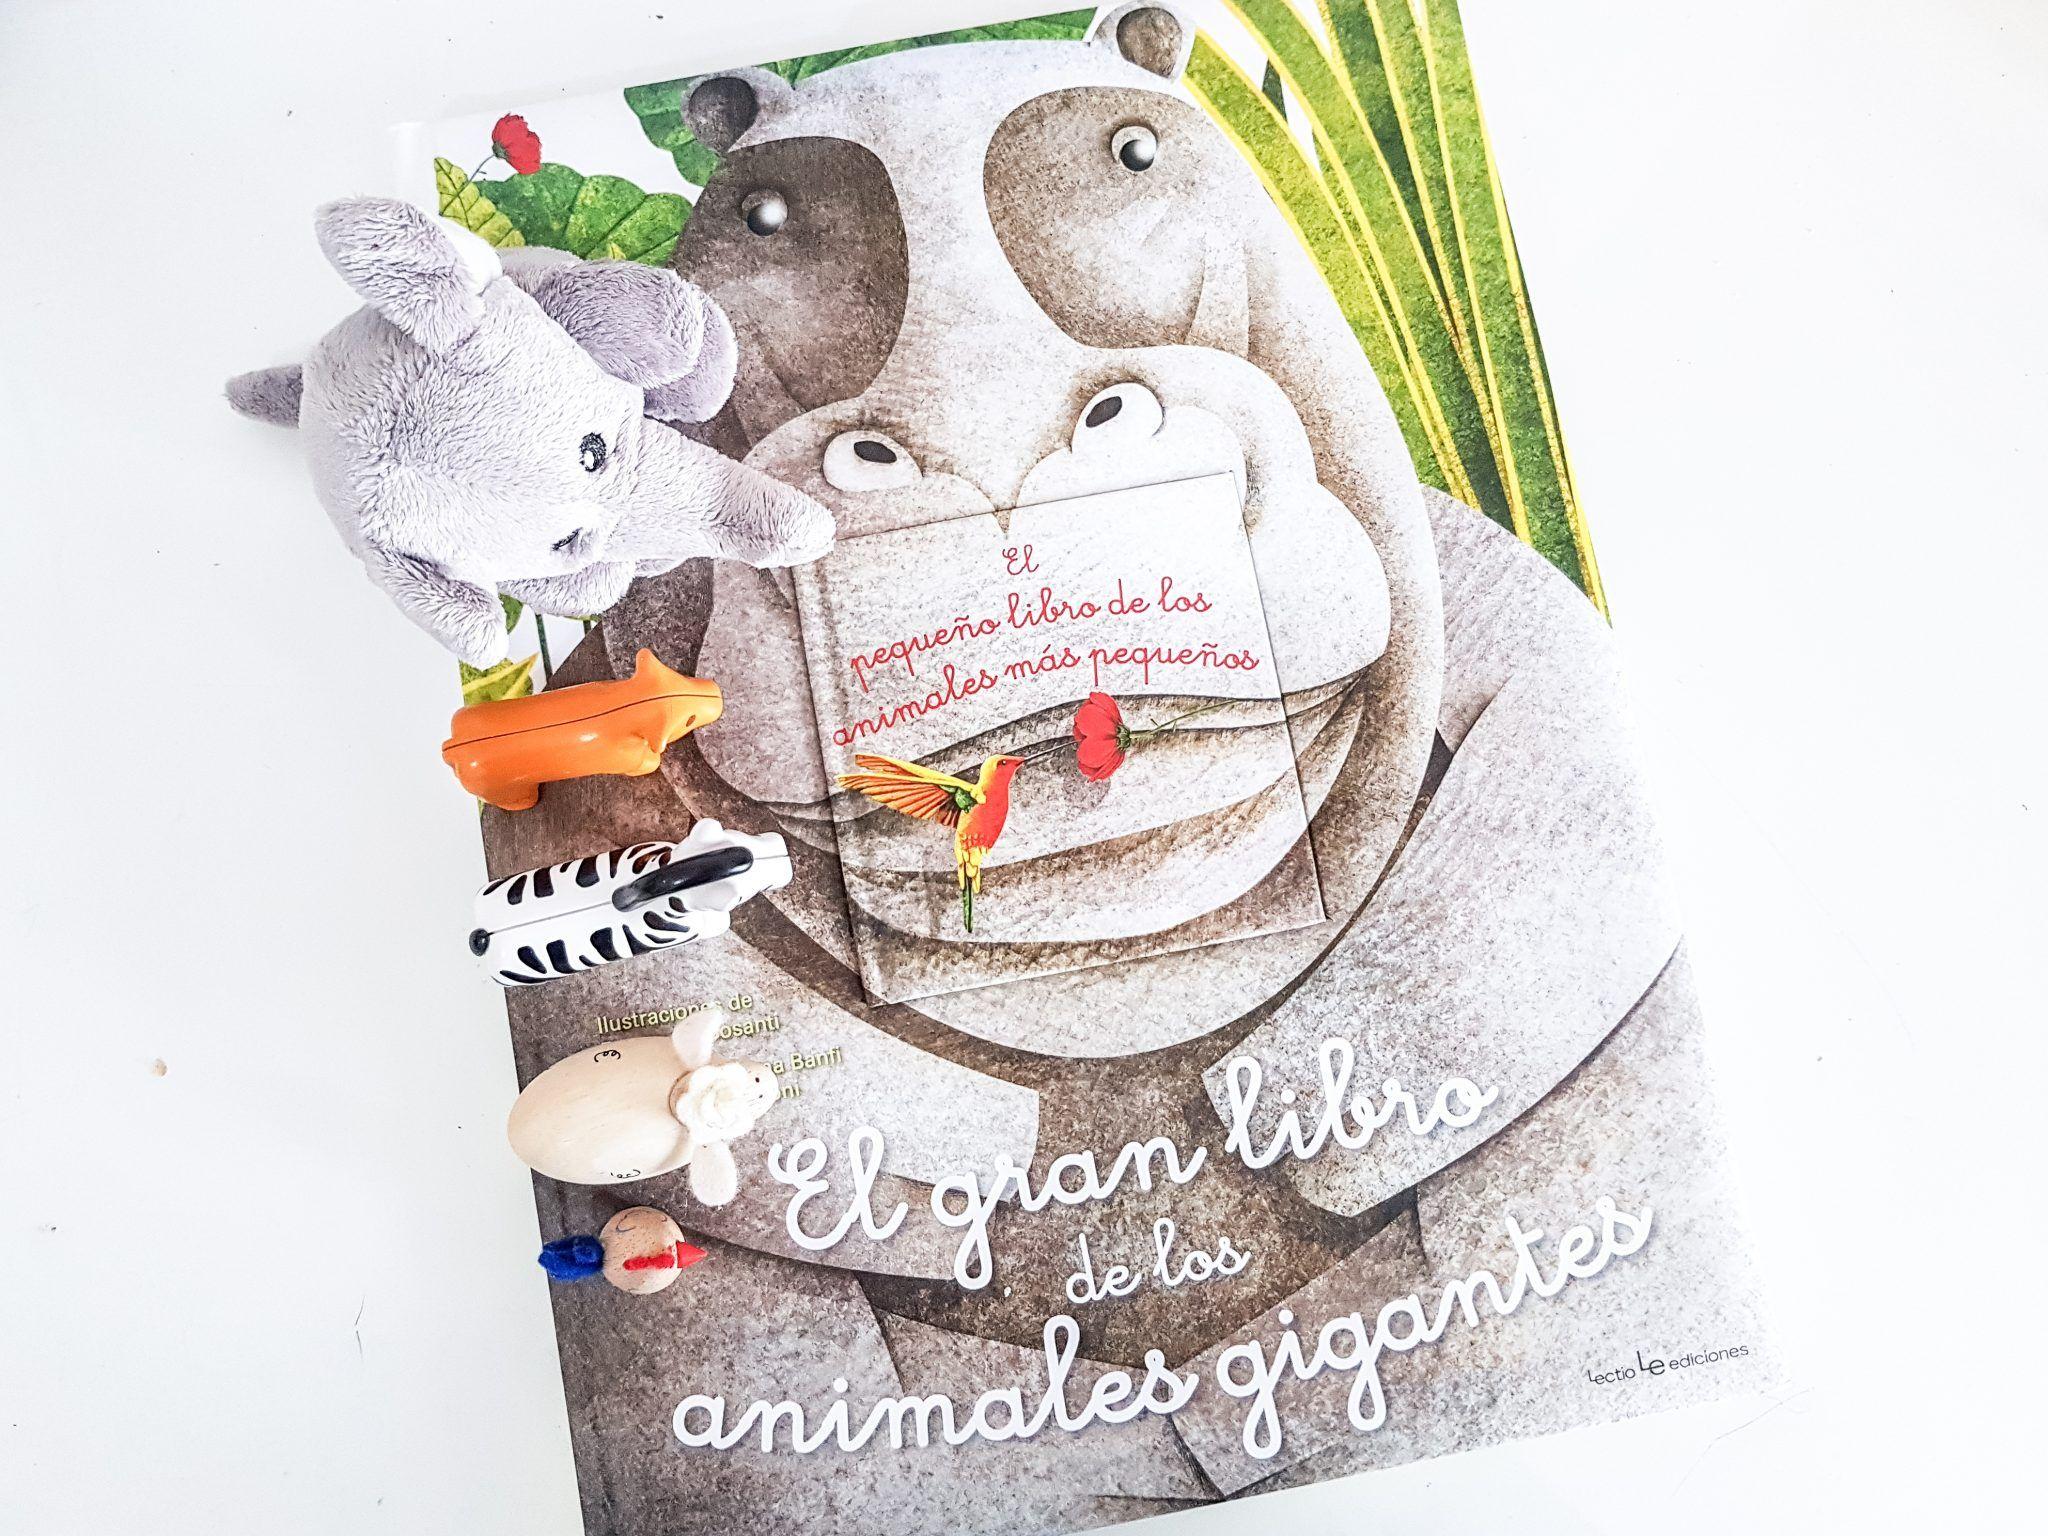 El gran libro de los animales gigantes y pequeños